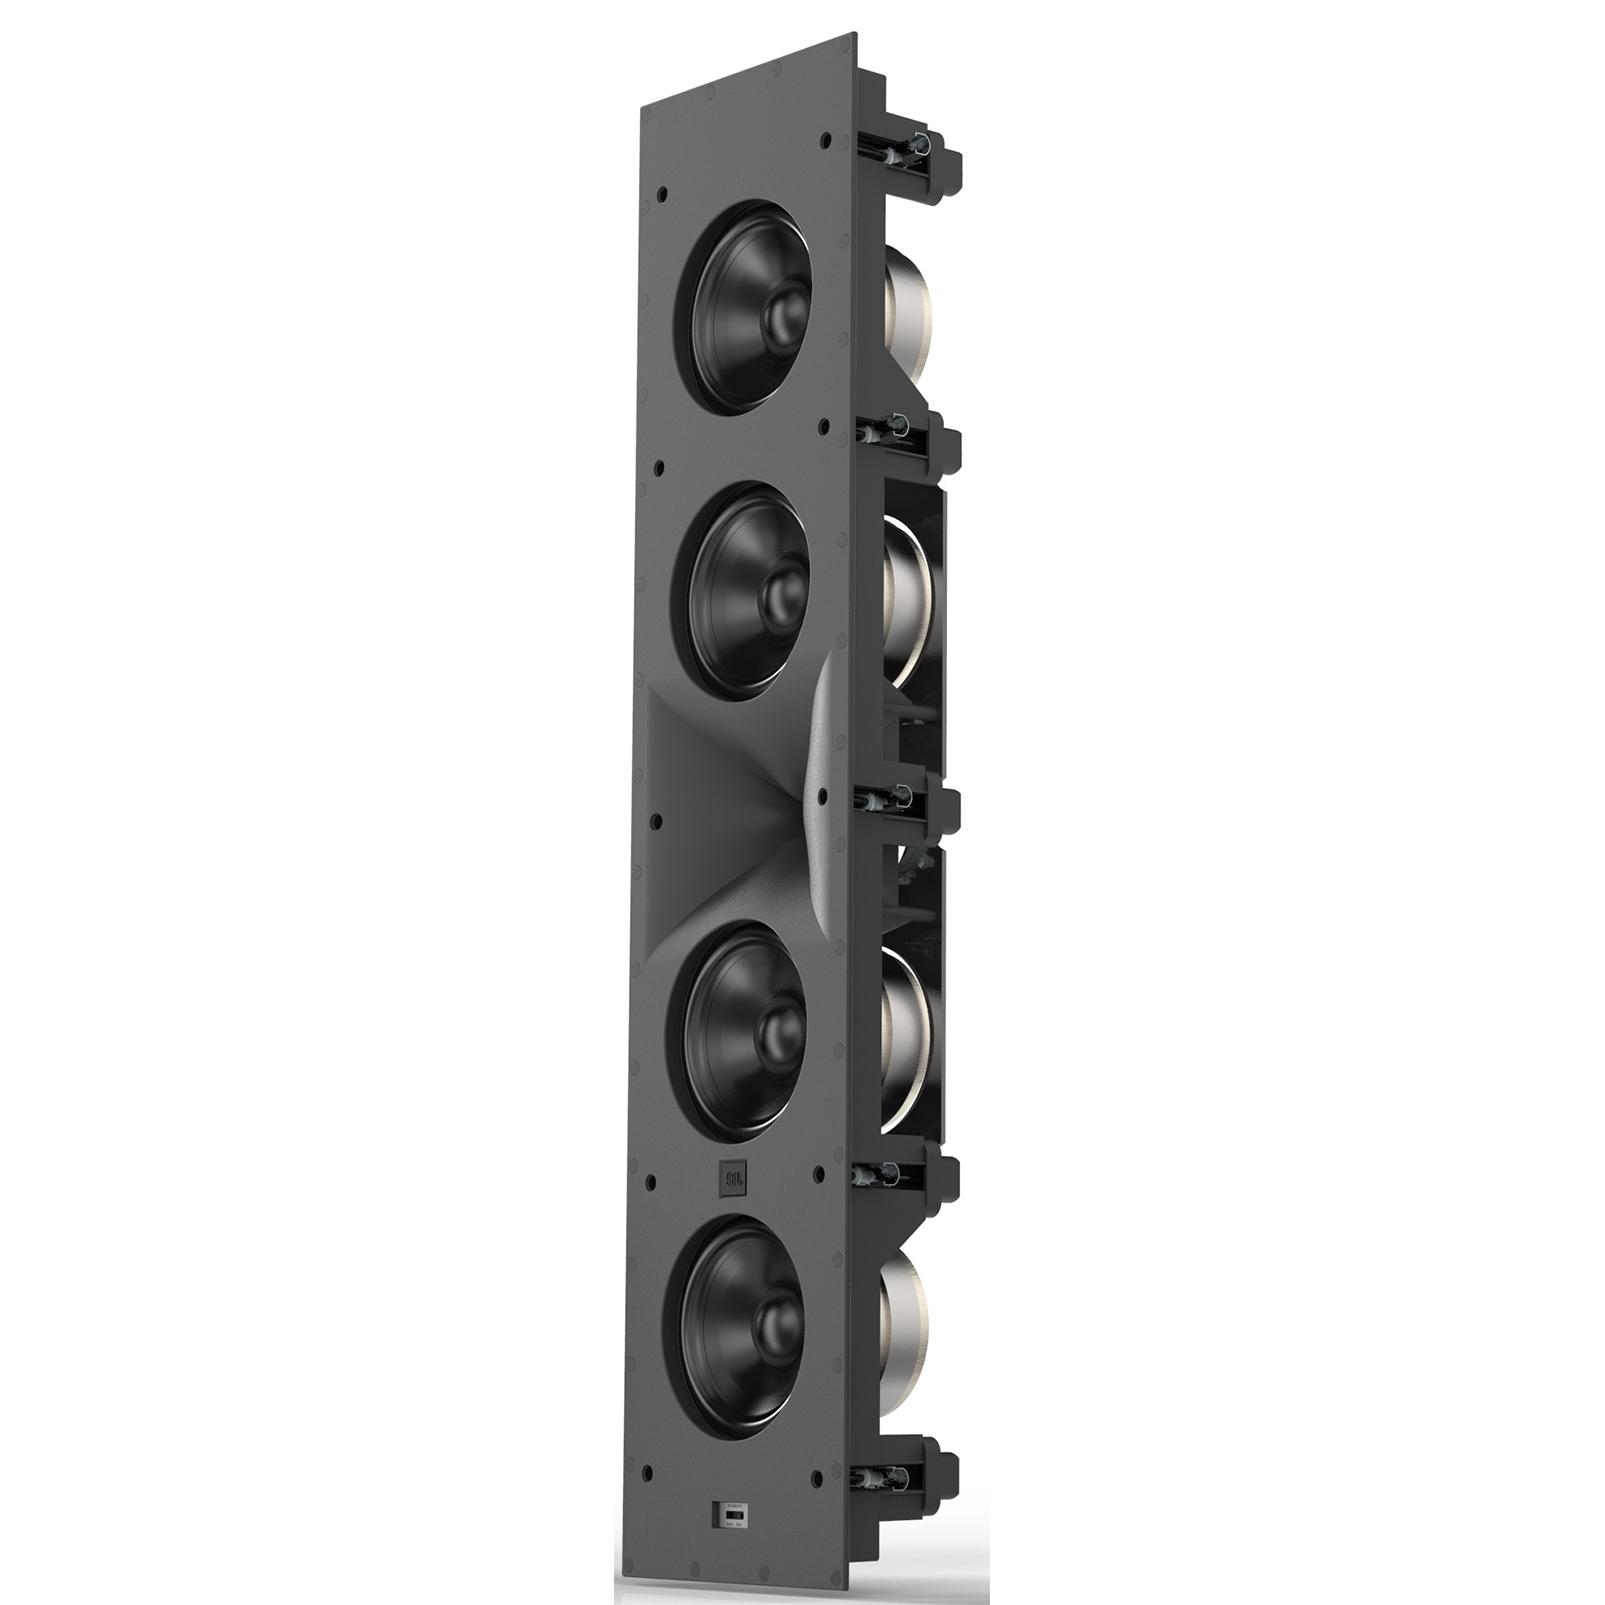 SCL-6 - Black - 2.5-Way Quadruple 5.25-inch (130mm) In-Wall Loudspeaker - Hero